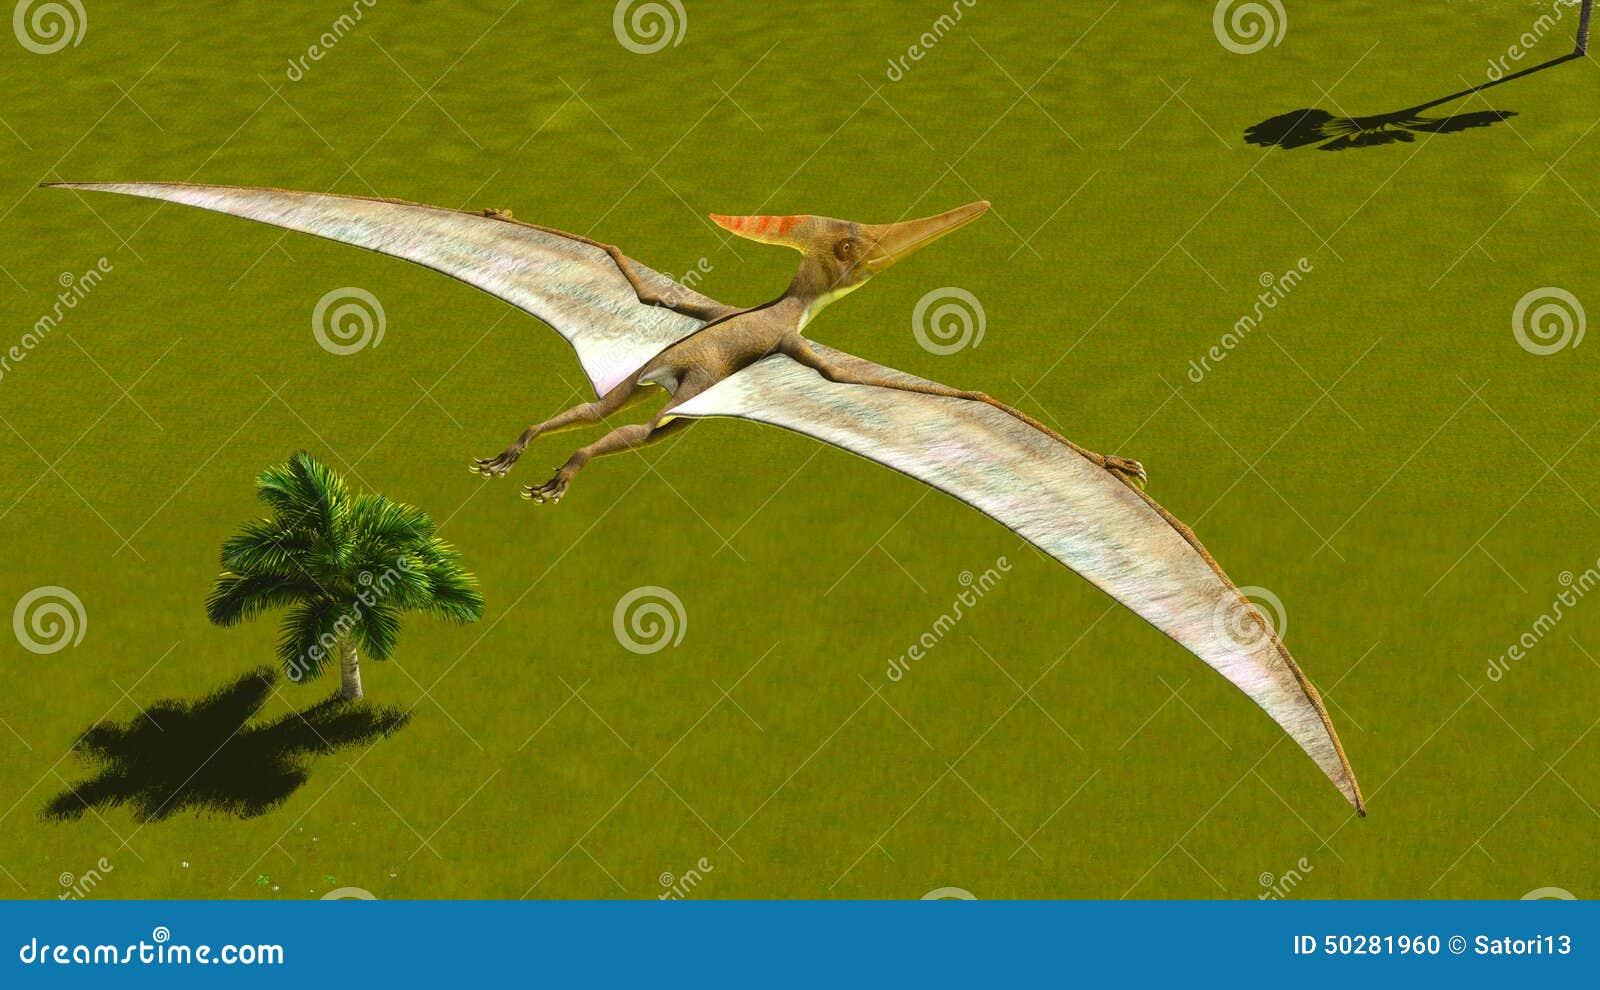 在土地的飞行翼手龙.浮潜水